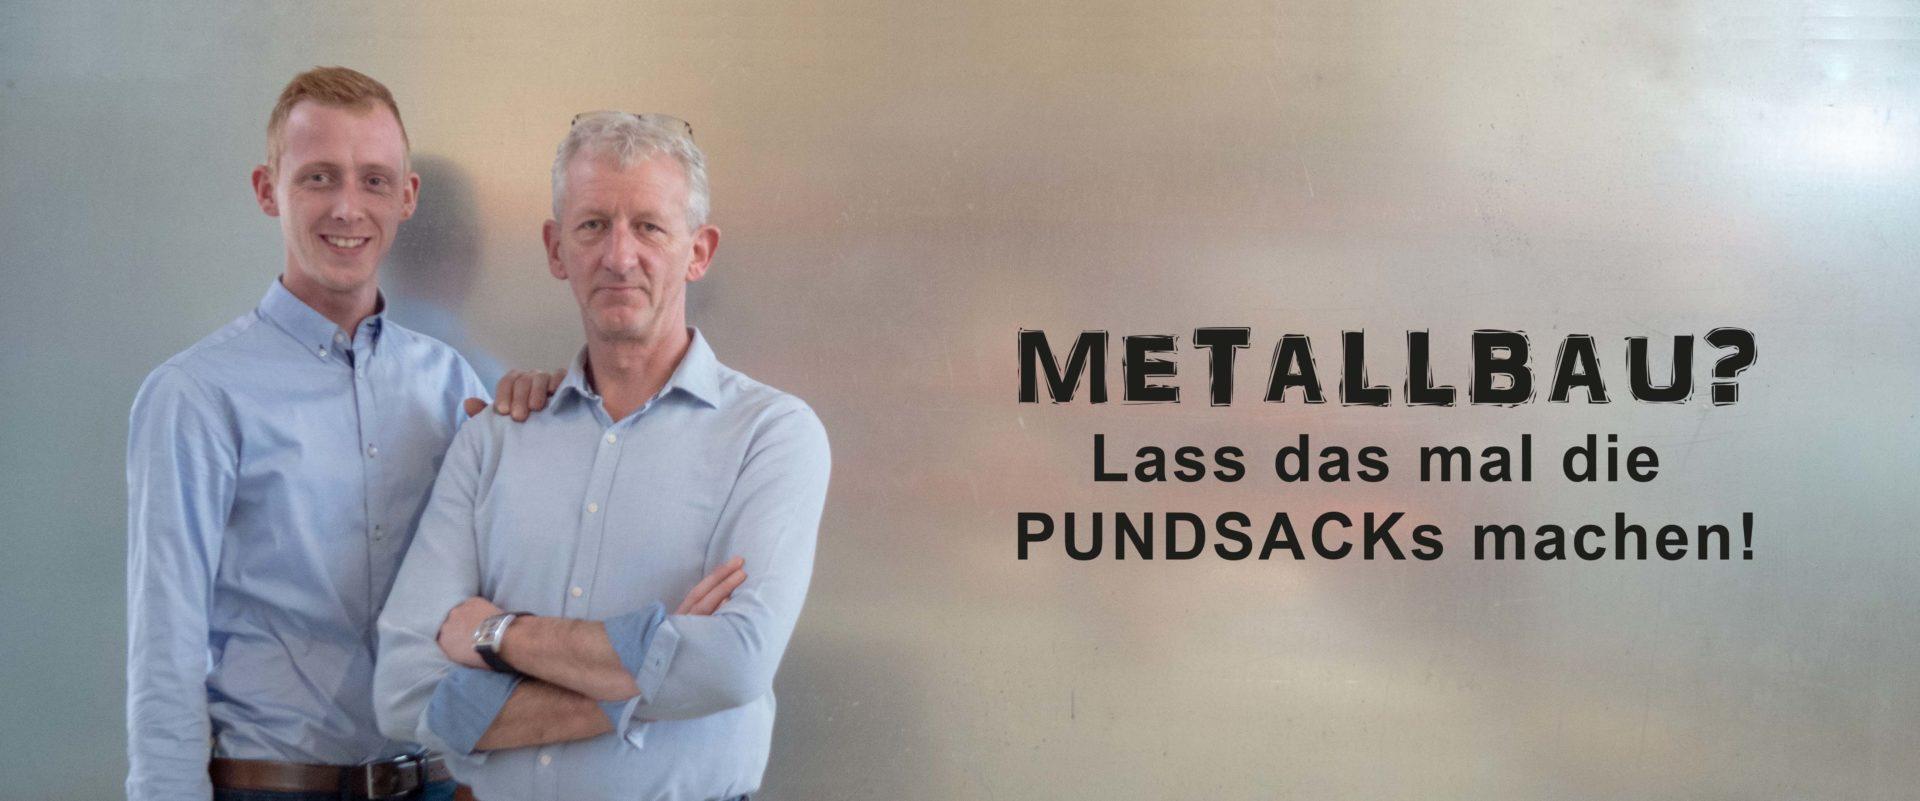 Pundsack Metall- und Schweißarbeiten